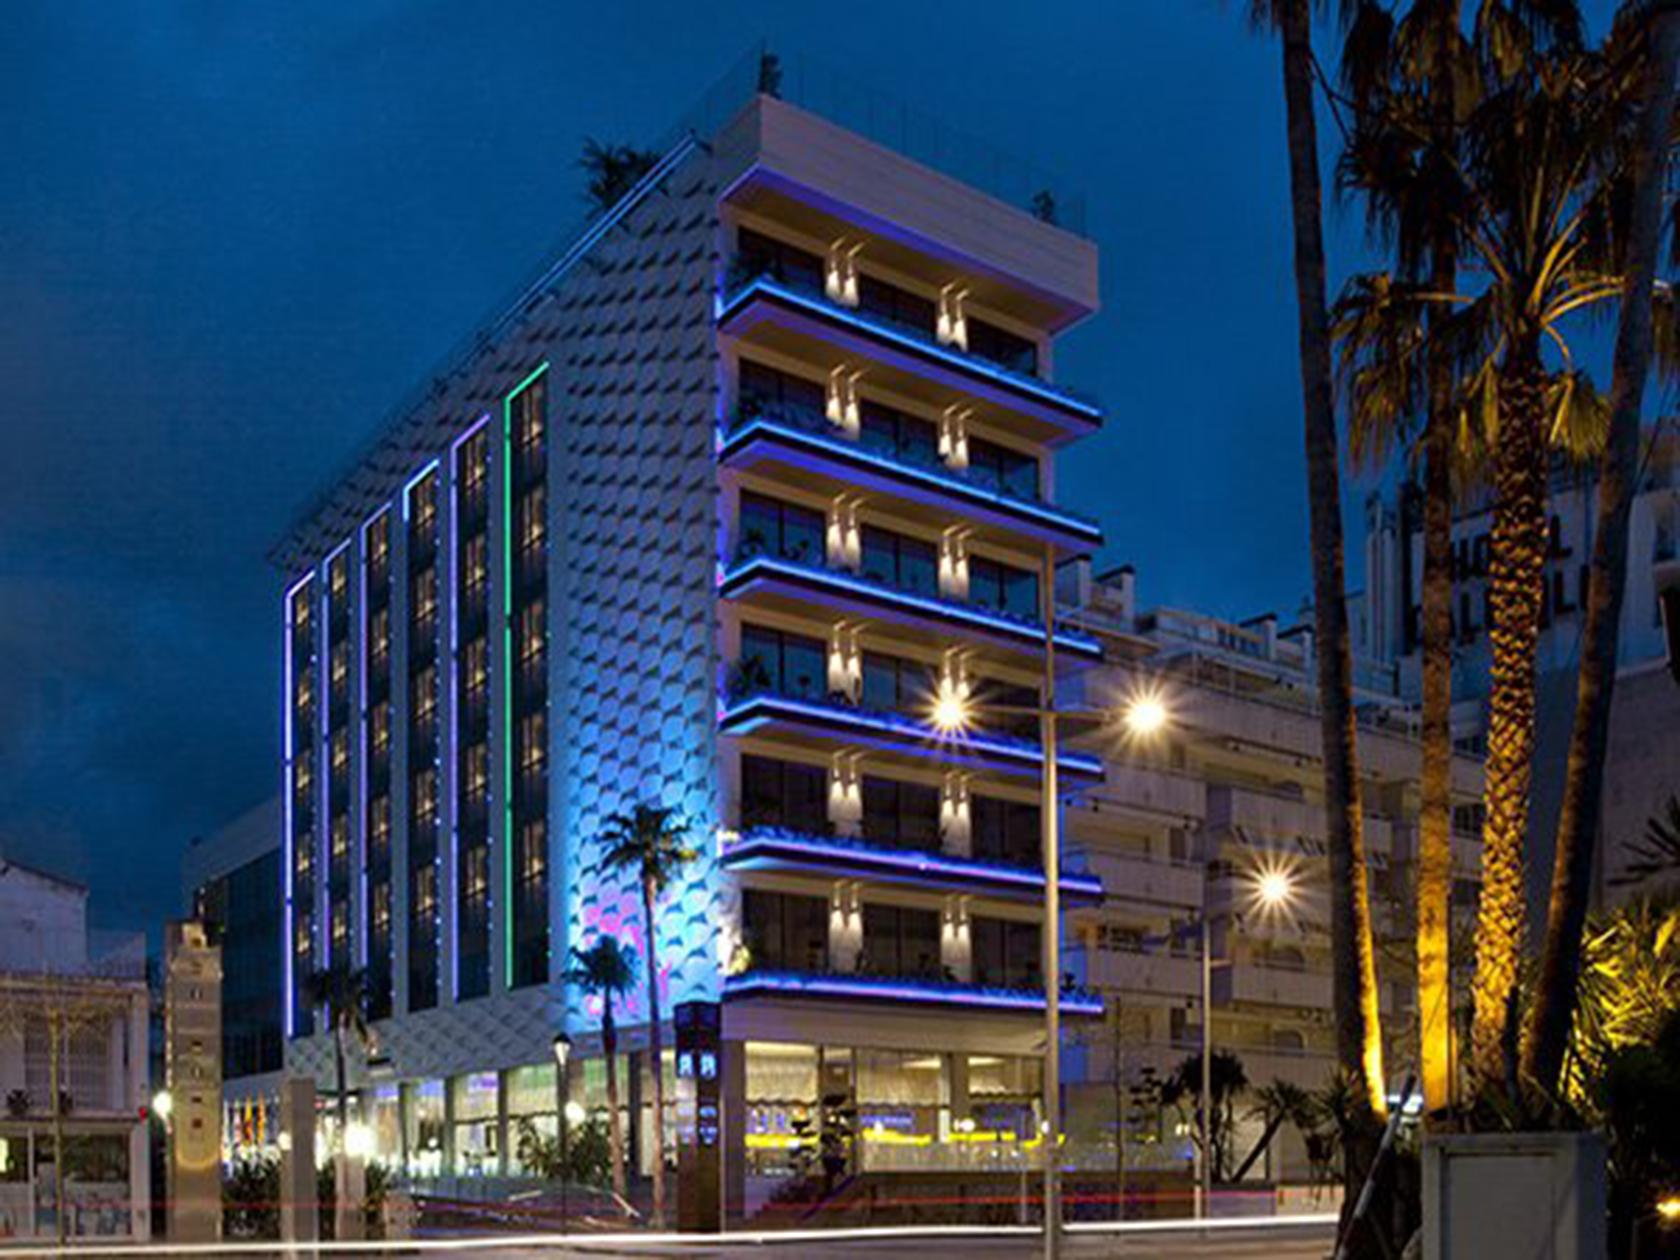 El pasado 8 de octubre de 2018 añadimos un nuevo Hotel Cardioprotegido a la lista de hoteles que han confiado en CARDIOPAS para cardioproteger a sus clientes y colaboradores: el… Leer más